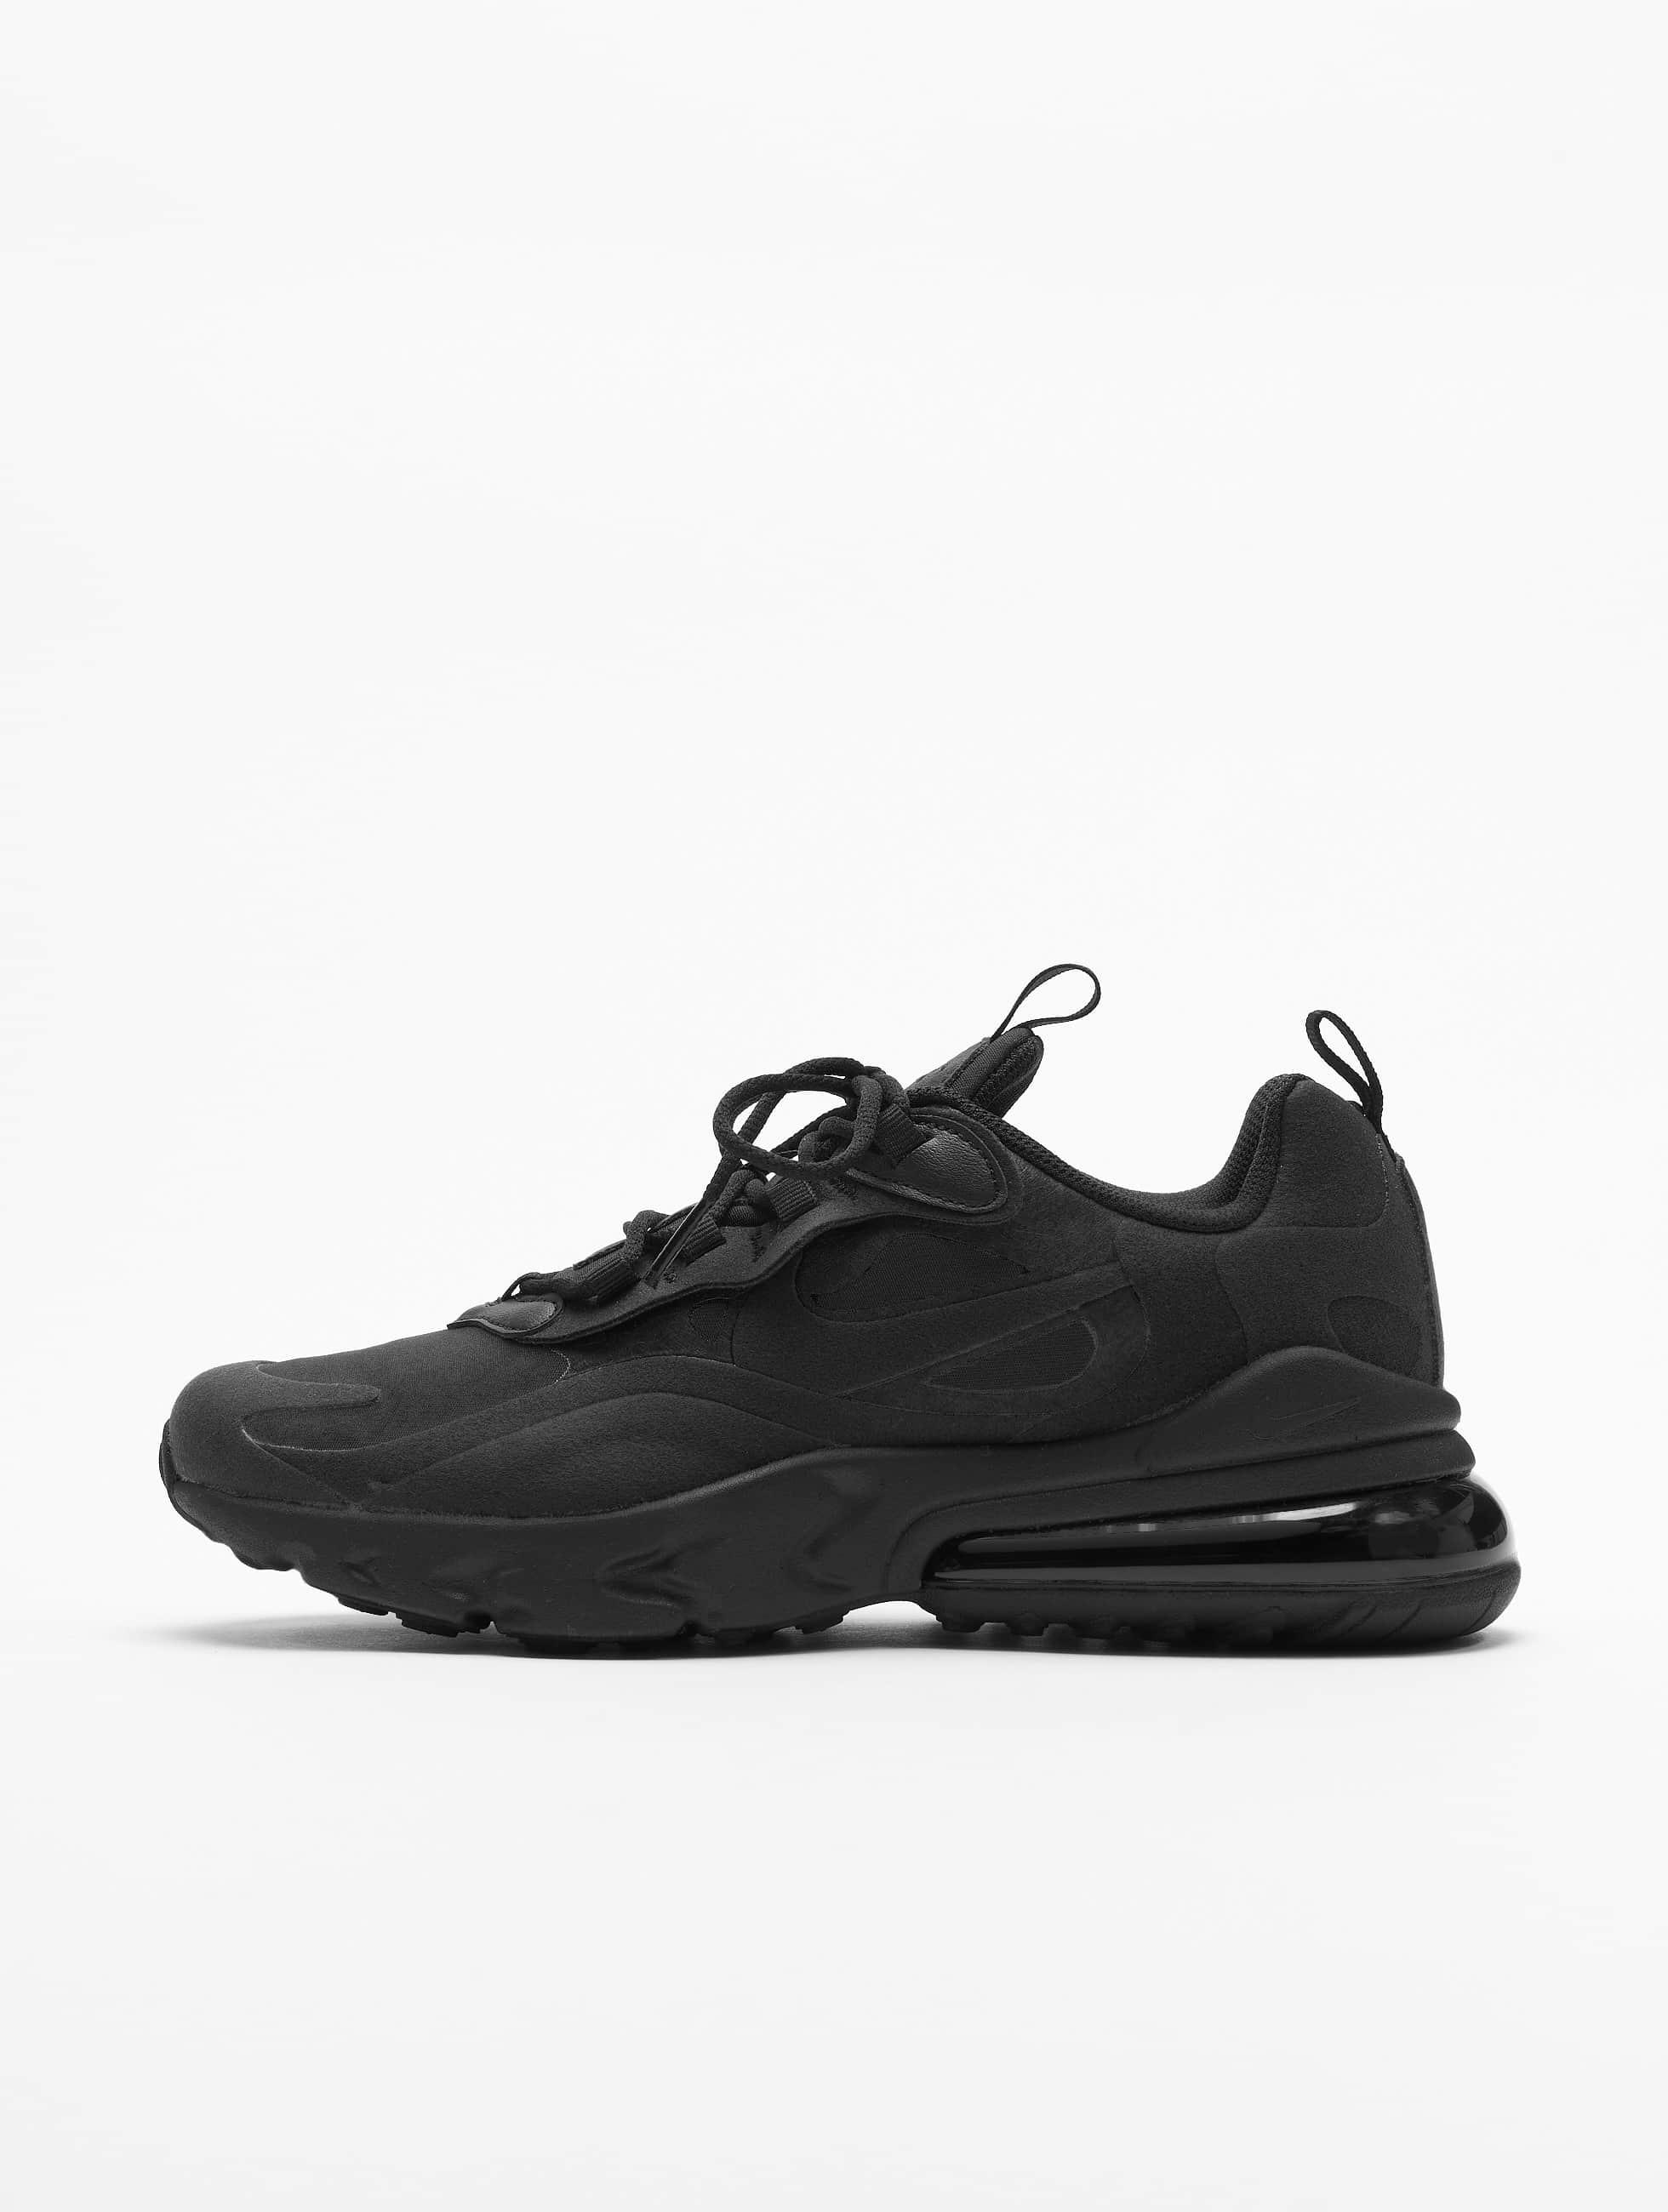 Nike Air Max 270 React (GS) Sneakers BlackBlackBlack